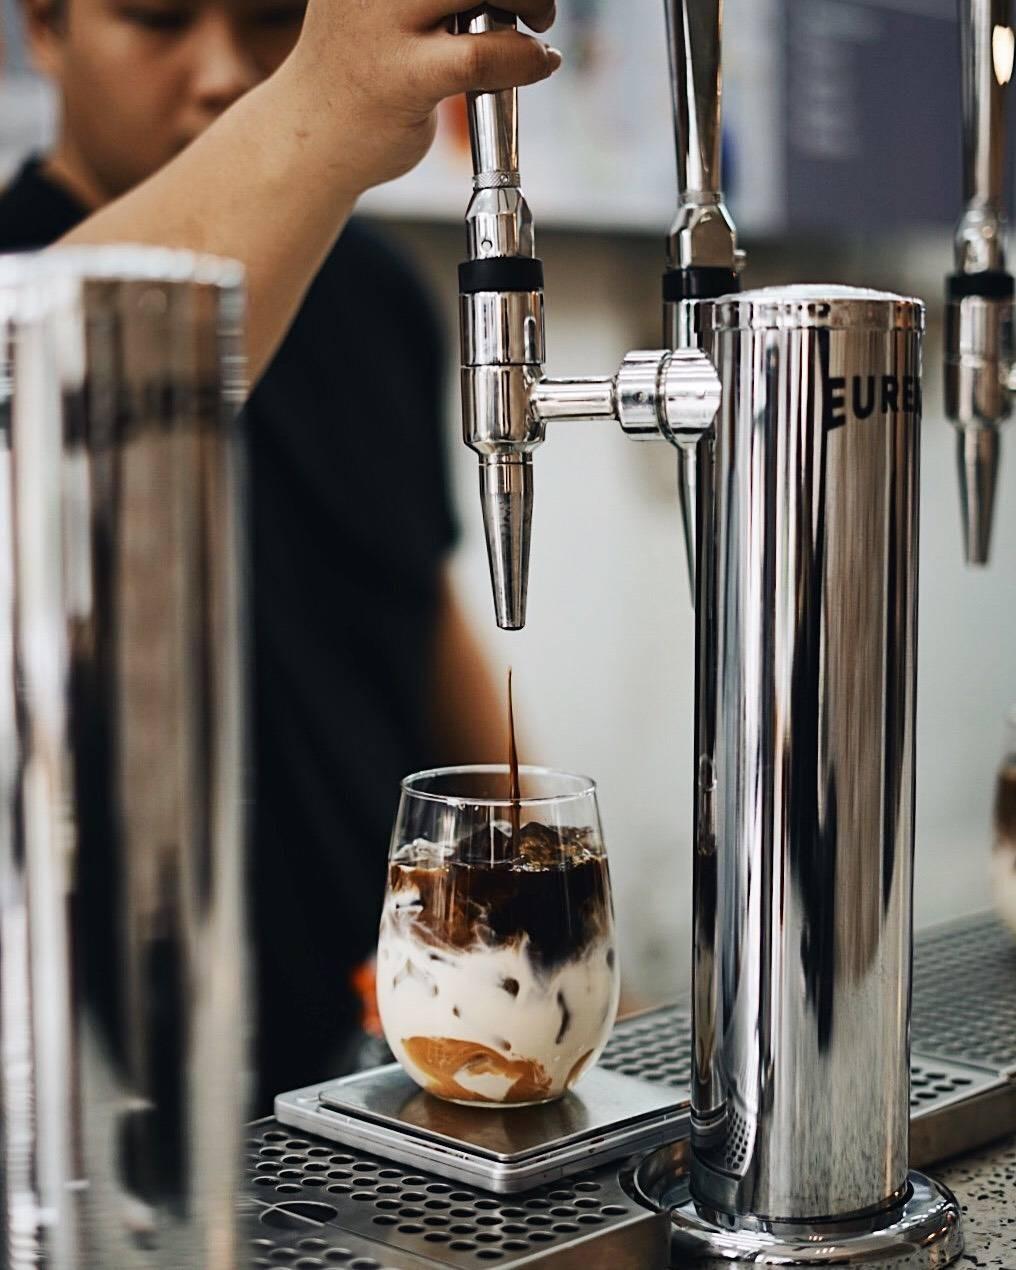 Eureka Coffee tap Saladang